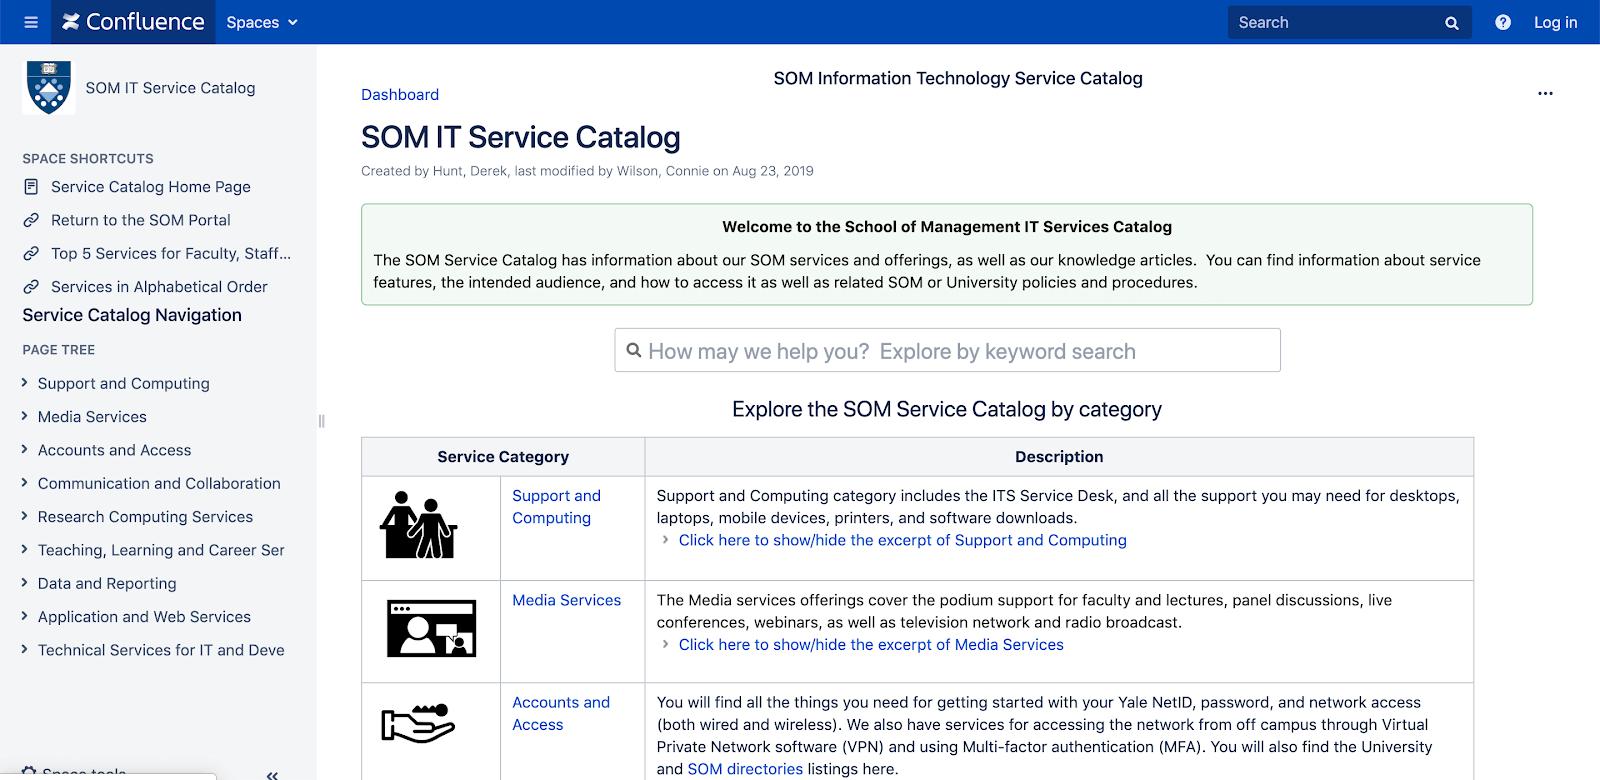 Confluence catalog